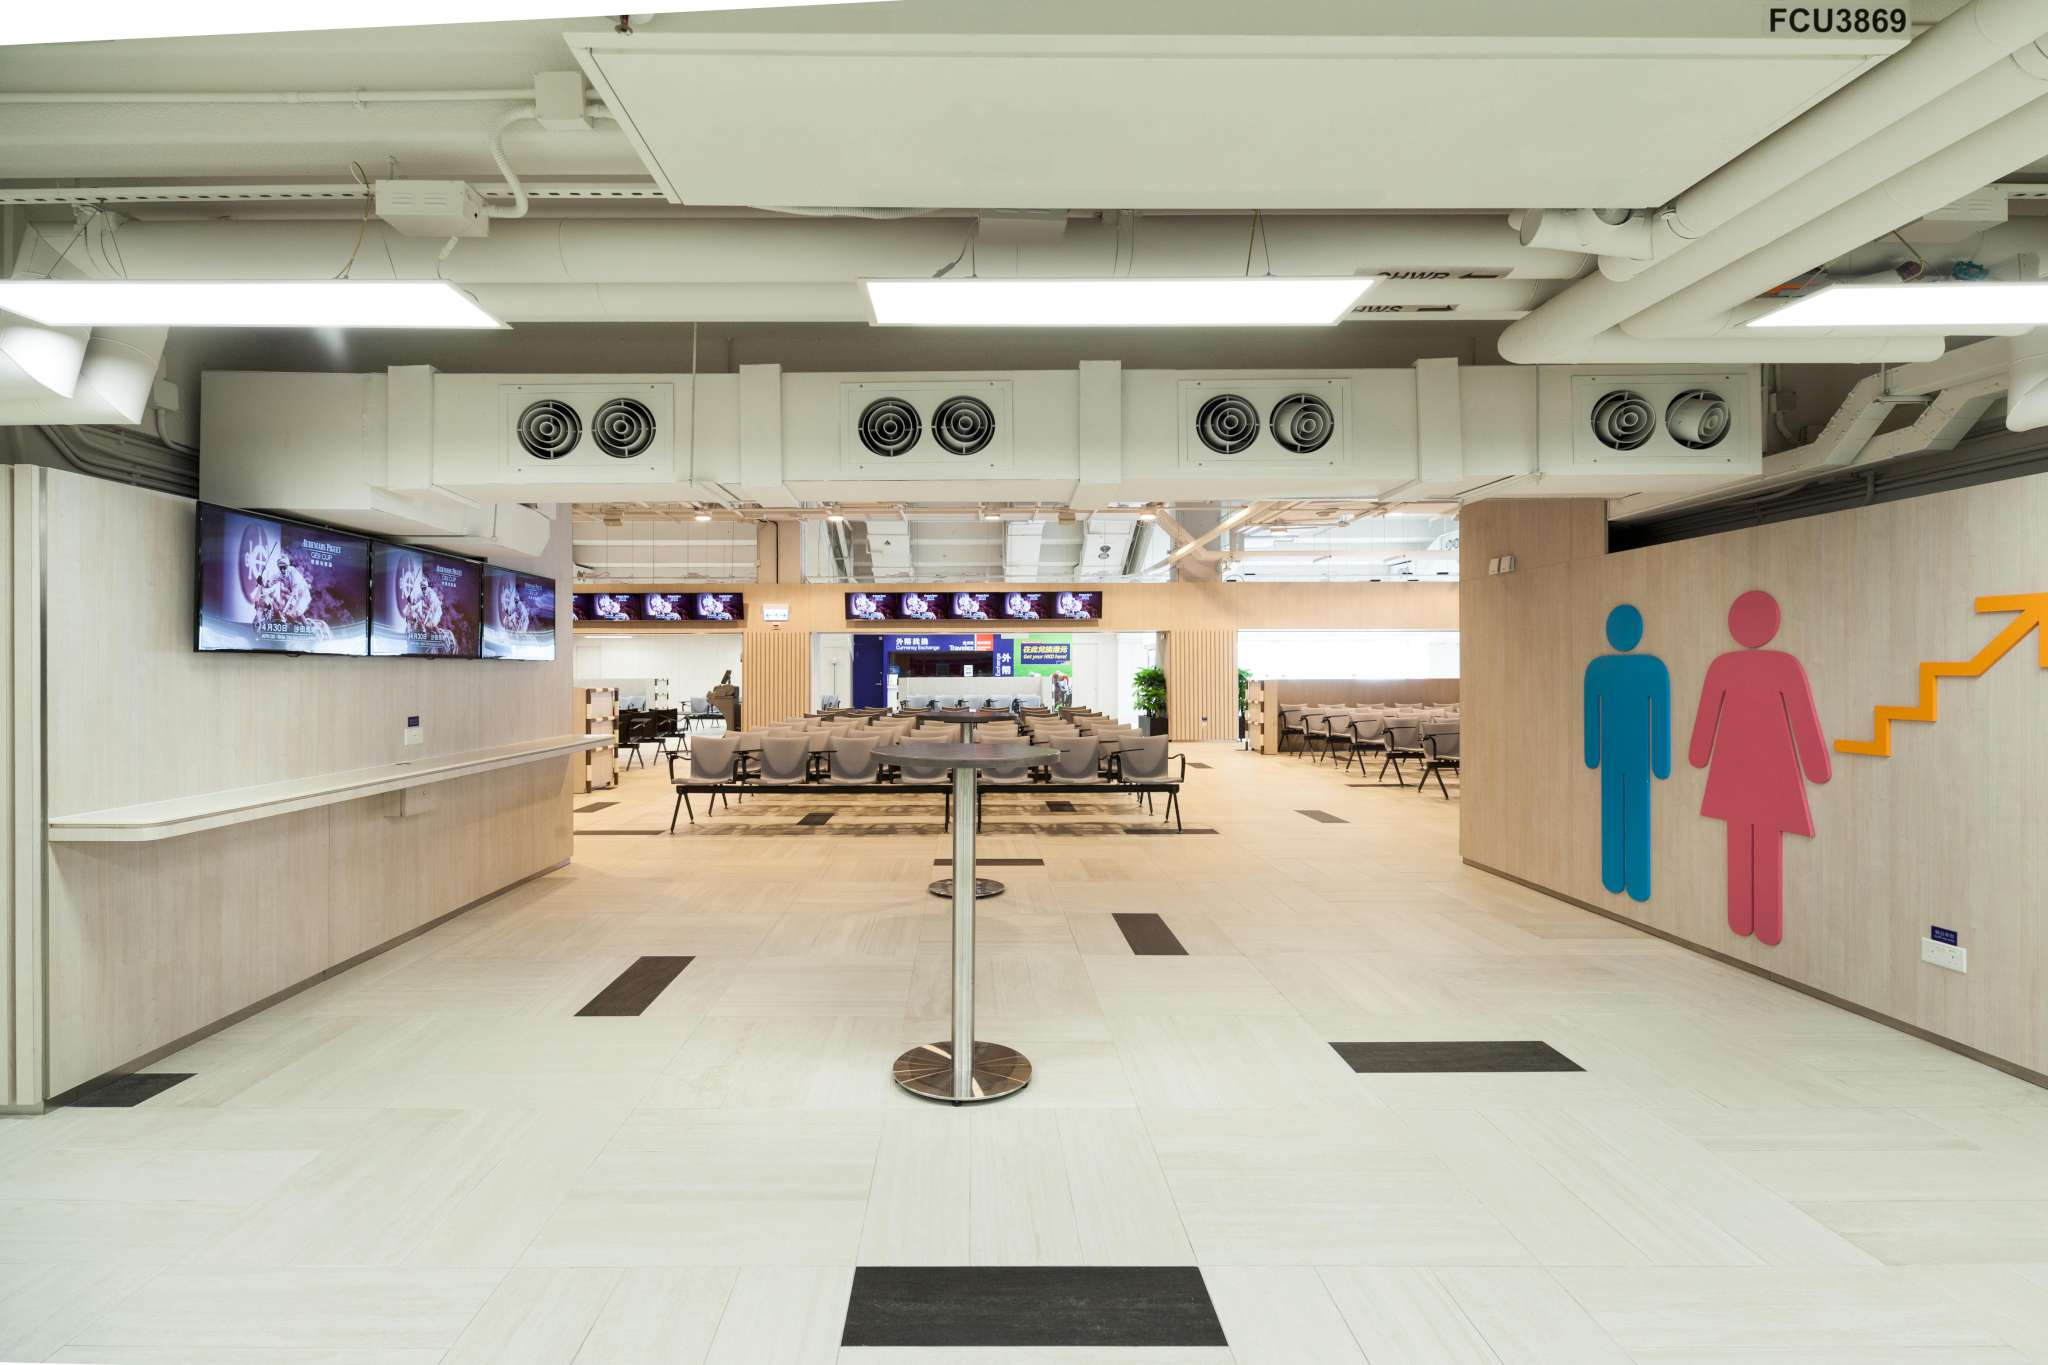 hkjc tourist zone clifton leung design workshop. Black Bedroom Furniture Sets. Home Design Ideas